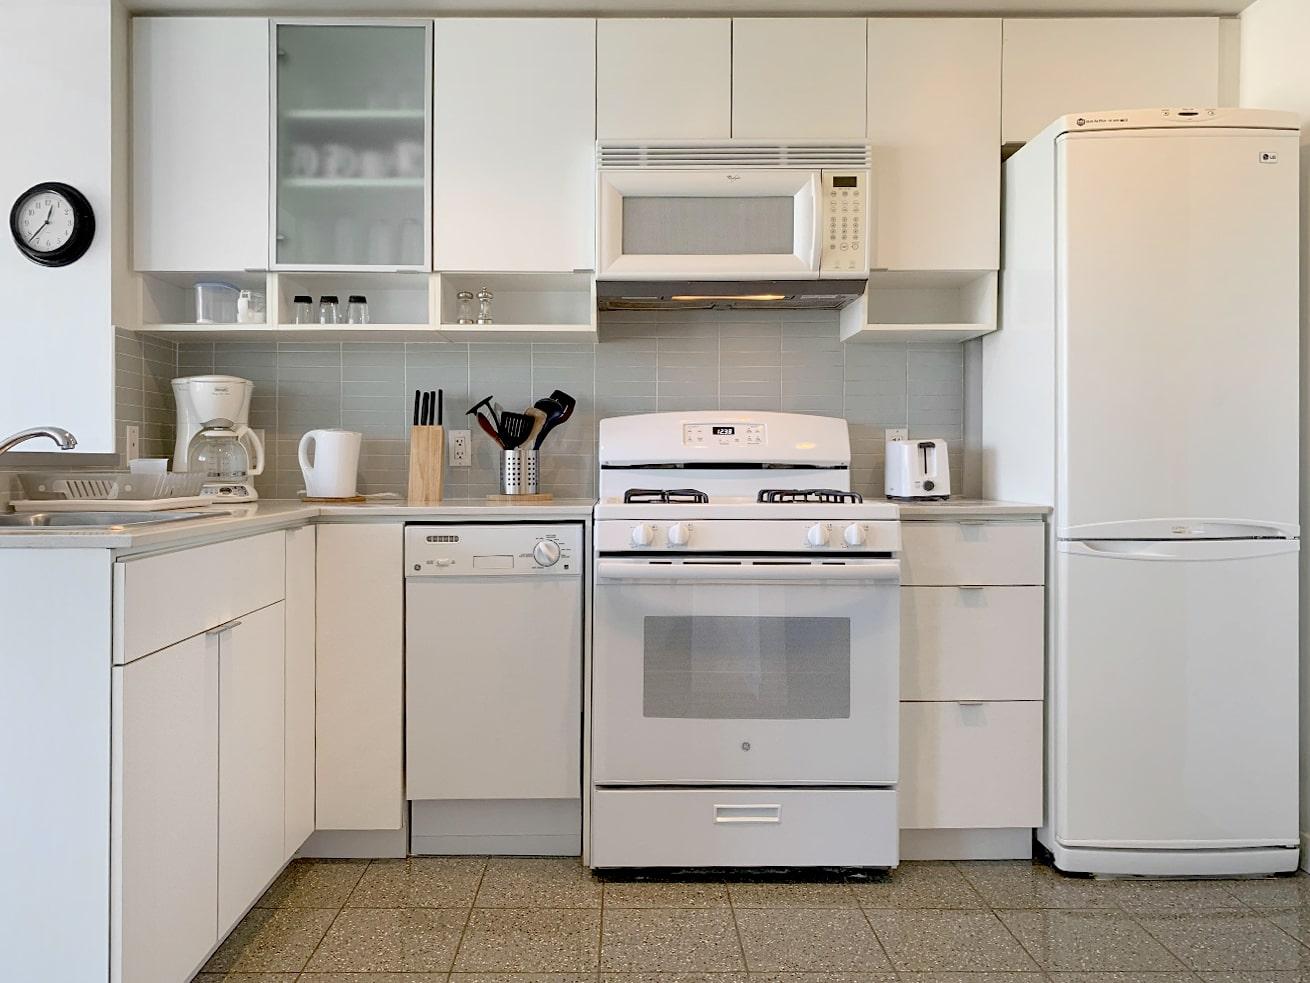 Vancouver apartment rentals max studio den kitchen